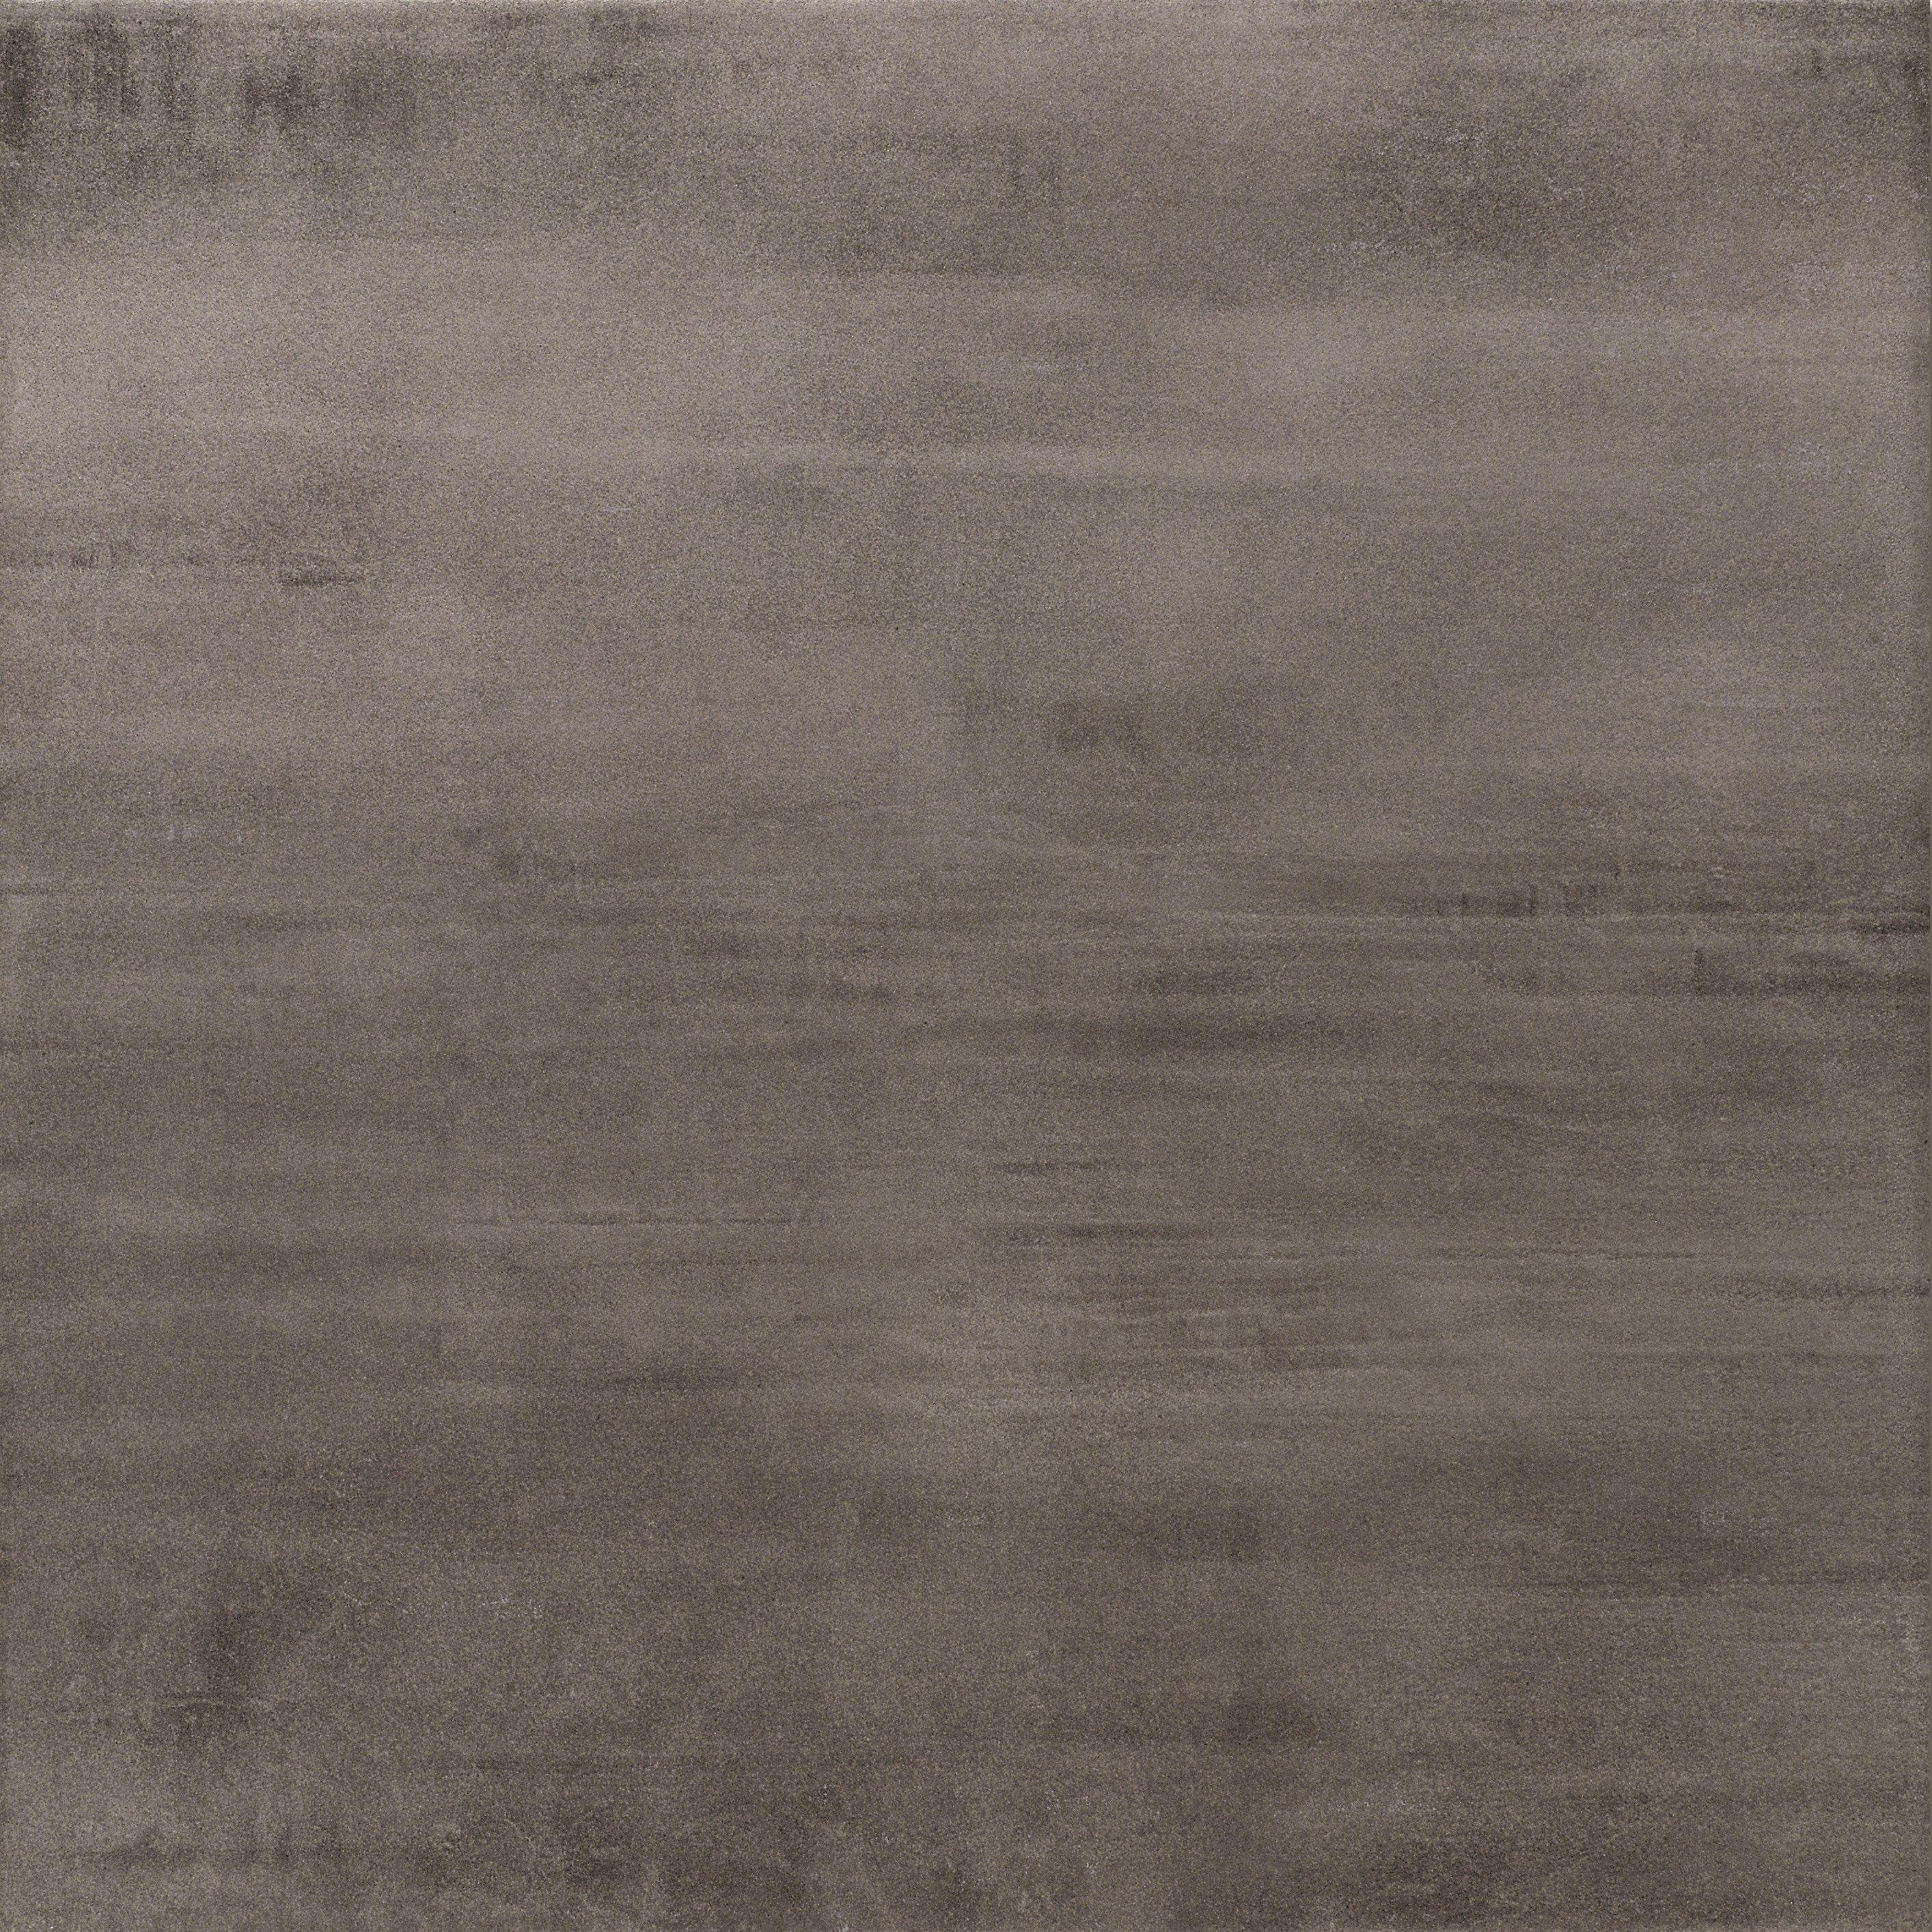 Wand Metallic Effekt : Wand und Bodenbelag aus Feinsteinzeug mit MetallEffekt ARTECH by